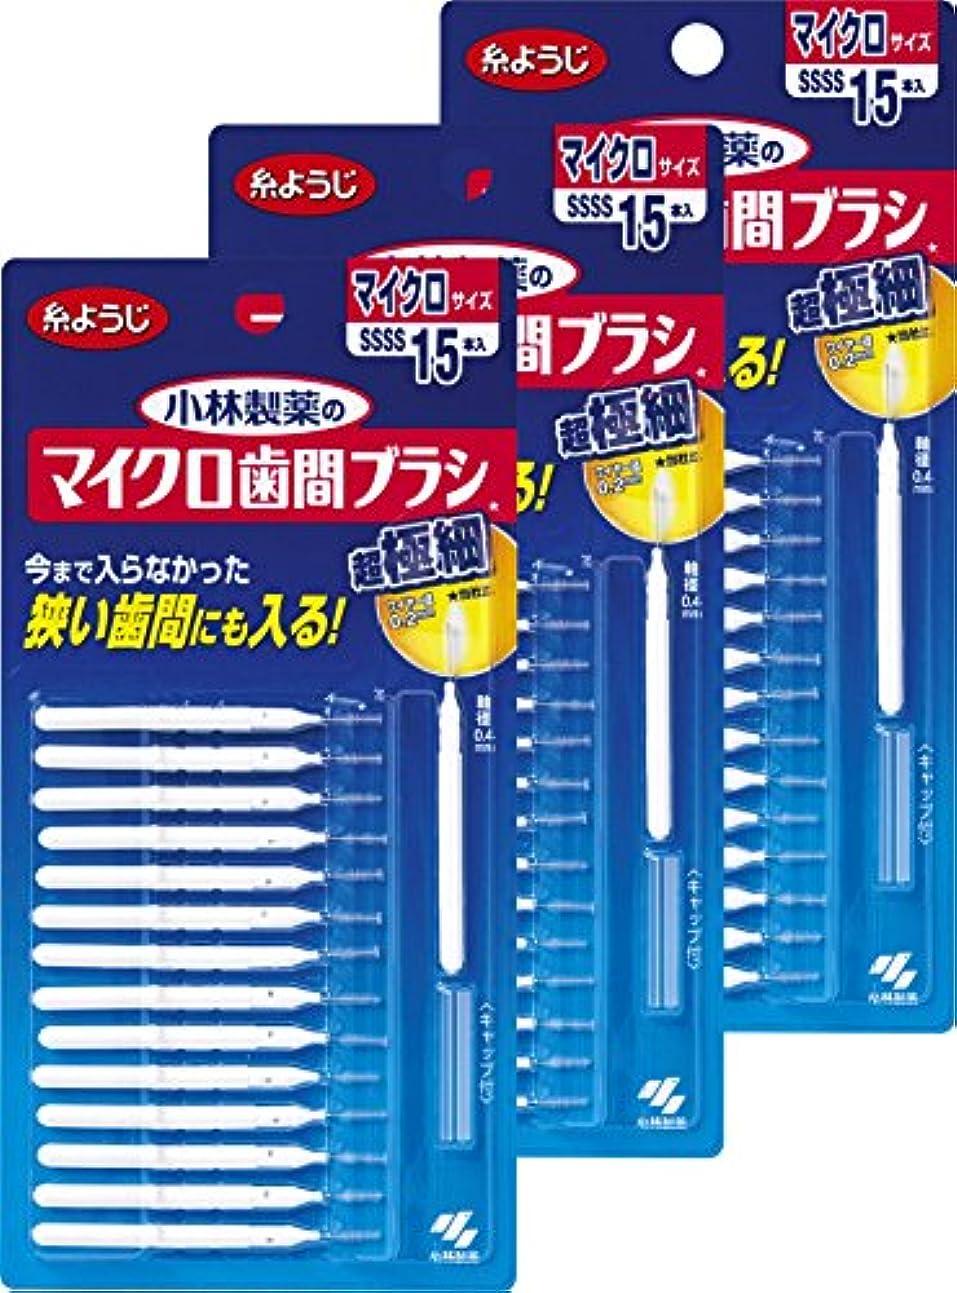 悪用ビーム期待する【まとめ買い】小林製薬のマイクロ歯間ブラシI字型 超極細タイプ SSSS 15本(糸ようじブランド)×3個